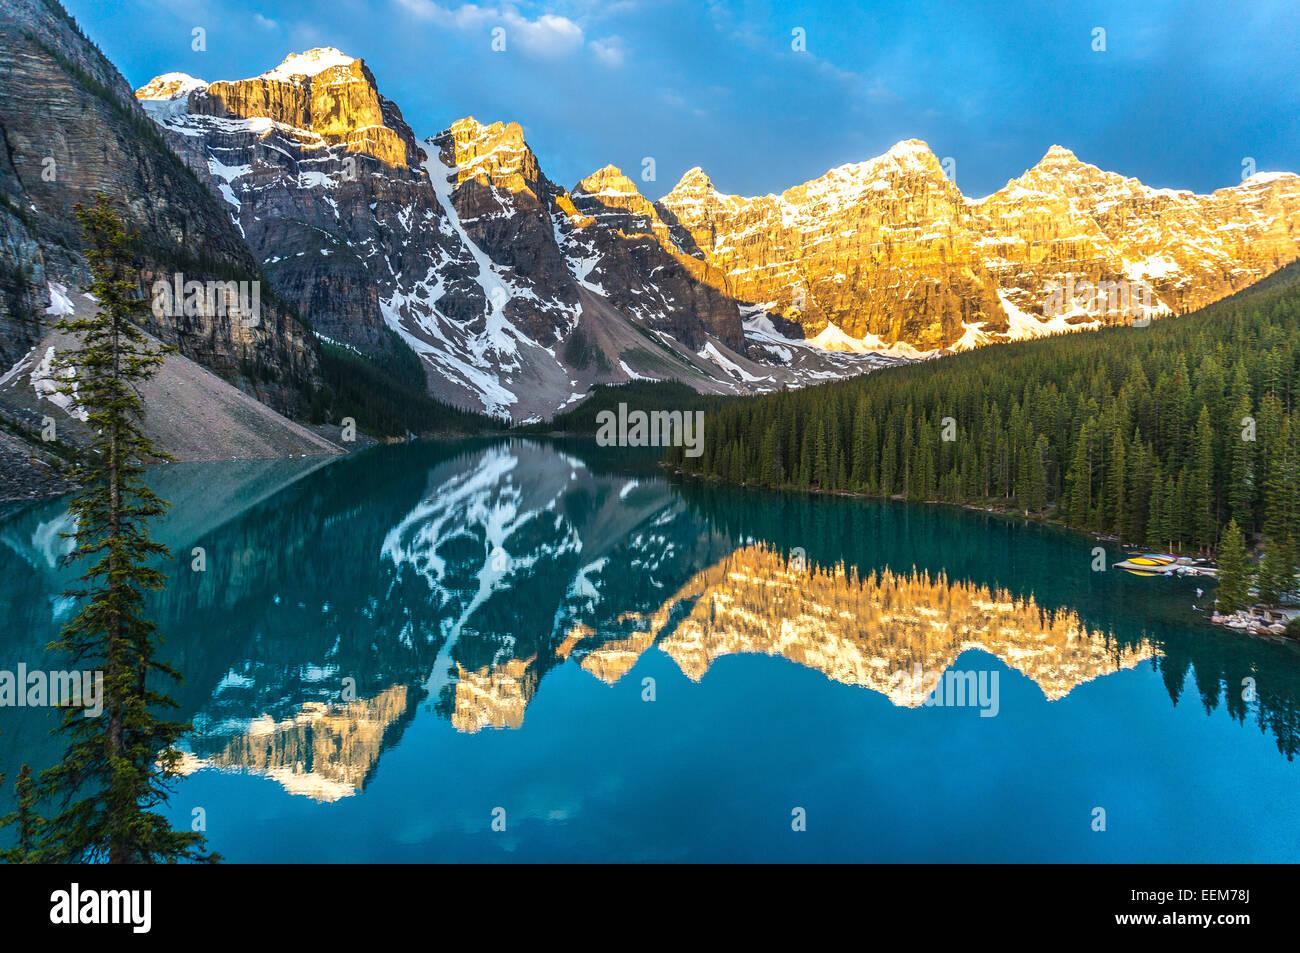 In Canada, il Parco Nazionale di Banff, Canadian Rockies, montagne che si riflettono nel lago calmo di sunrise Immagini Stock